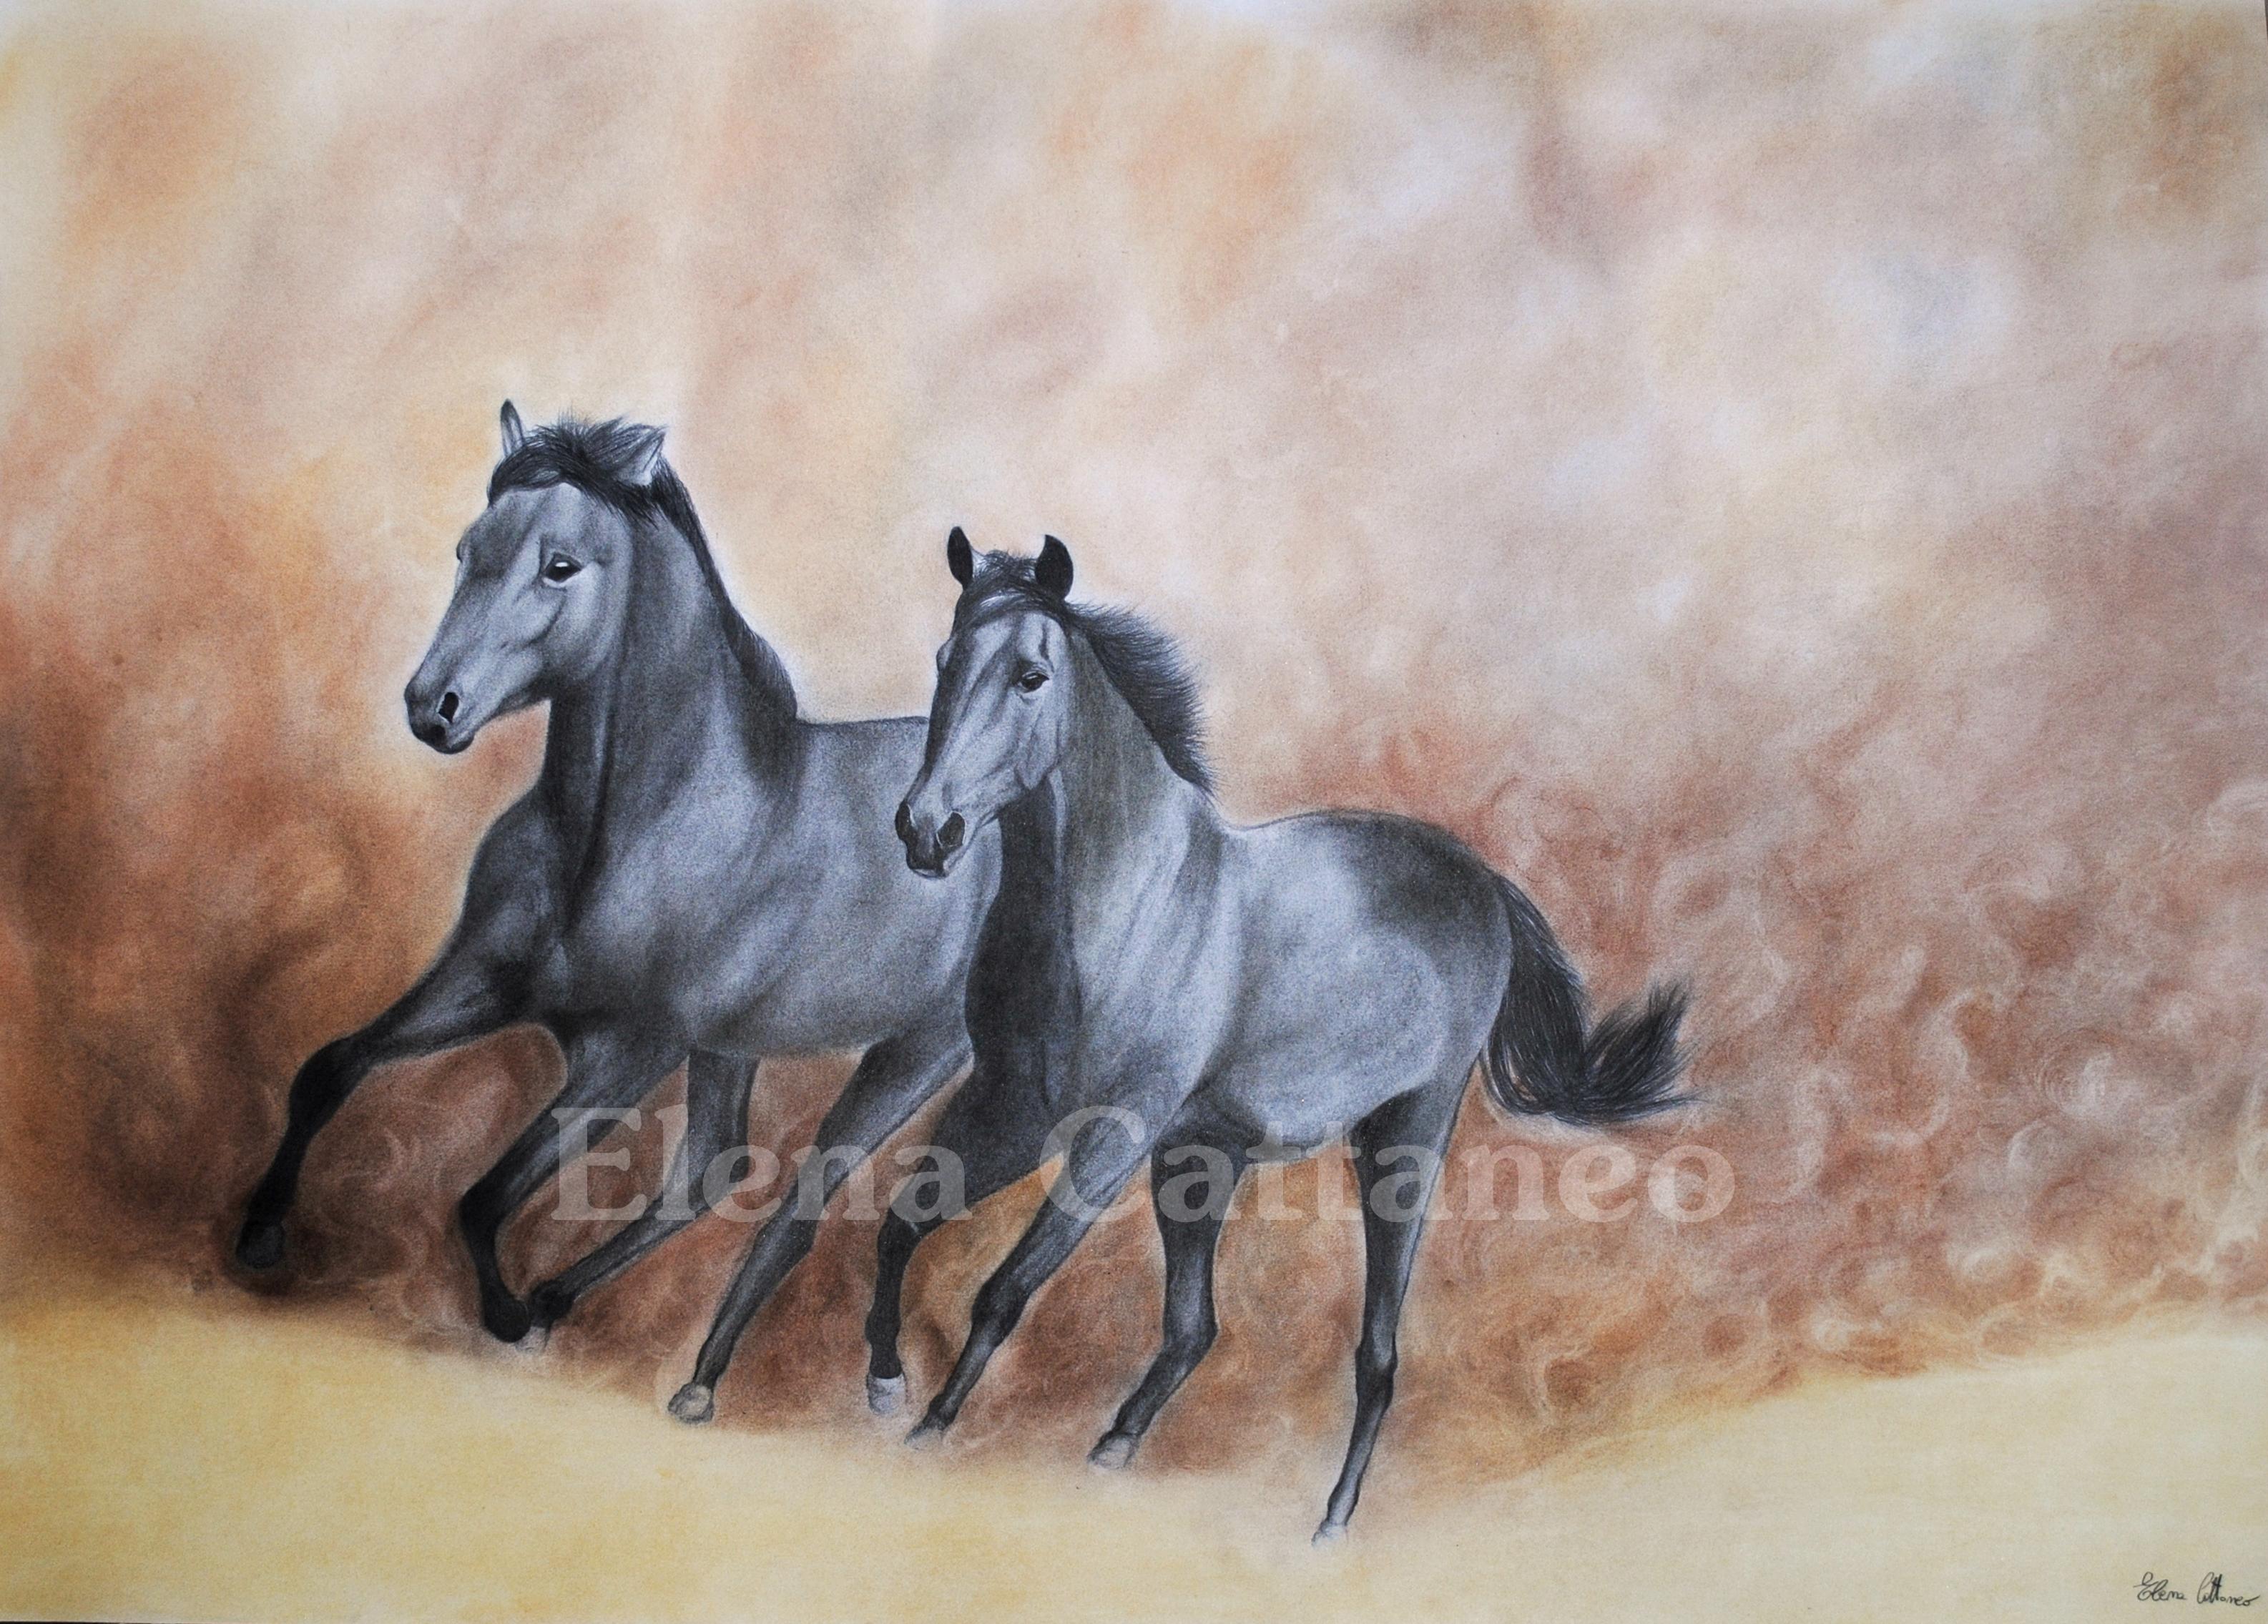 Unico disegni a matita colorata paesaggi migliori pagine da colorare gratis per bambini for Disegni di cavalli a matita